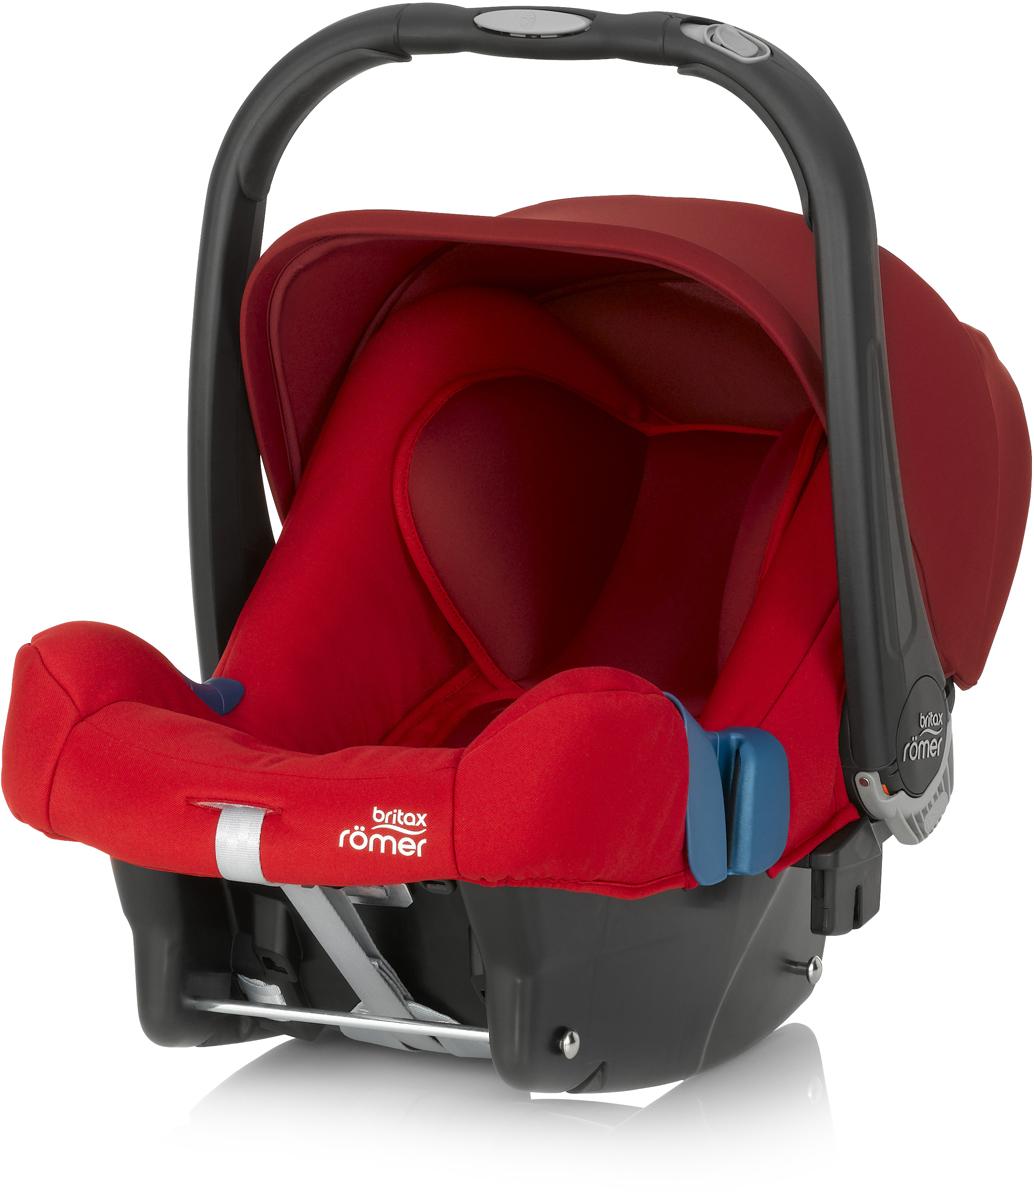 Romer Автокресло Baby-Safe Plus SHR II Flame Red до 13 кг2000023257Автокресло Romer Baby-Safe Plus SHR II группы 0+ предназначено для детей весом до 13 кг (от рождения до года). Мягкая, уютная обивка кресла из энергопоглощающих материалов, глубокие боковины, и дополнительная вставка для новорожденных создают уютное и безопасное место для ребенка с самого рождения. Пятиточечные ремни безопасности с централизованной системой натяжения и мягкими, энергопоглощающими плечевыми накладками, регулируются по высоте с помощью подголовника и надежно удерживают ребенка внутри автокресла. Встроенная система автоматического выравнивания действует при регулировке подголовника. Чем выше подголовник - тем просторней становится автокресло. Внутренние ремни безопасности также поднимаются автоматически, избавляя от ошибок самостоятельной регулировки. Travel System - система путешествий для активных родителей! Для приятной прогулки нужно поставить автокресло на раму коляски, обладающей механизмом CLICK & GO и мобильная коляска готова. Отсоединить автокресло от рамы можно одной рукой - для этого предусмотрена кнопка на ручке автокресла. Максимального комфорта в использовании и безопасности можно достичь, установив автокресло на ременную базу или на базу Isofix. Особенности:Пятиточечные ремни безопасности регулируются одной рукой.Подголовник регулируется вместе с ремнями безопасности по мере роста ребенка.Углубленная боковая защита с мягкими обеспечивает оптимальную боковую защиту.Солнцезащитный козырек для защиты нежной кожи ребенка.Многофункциональная ручка для переноски.Встроенные адаптеры CLICK & GO для создания системы путешествий.Съемный чехол не требует демонтажа внутренних ремней. Автокресло совместимо с колясками Britax и HARTAN. Мягкая обивка ручки для более удобной переноски кресла. Чехол для защиты от солнца и ветра с защитой от УФ-излучения 50+.